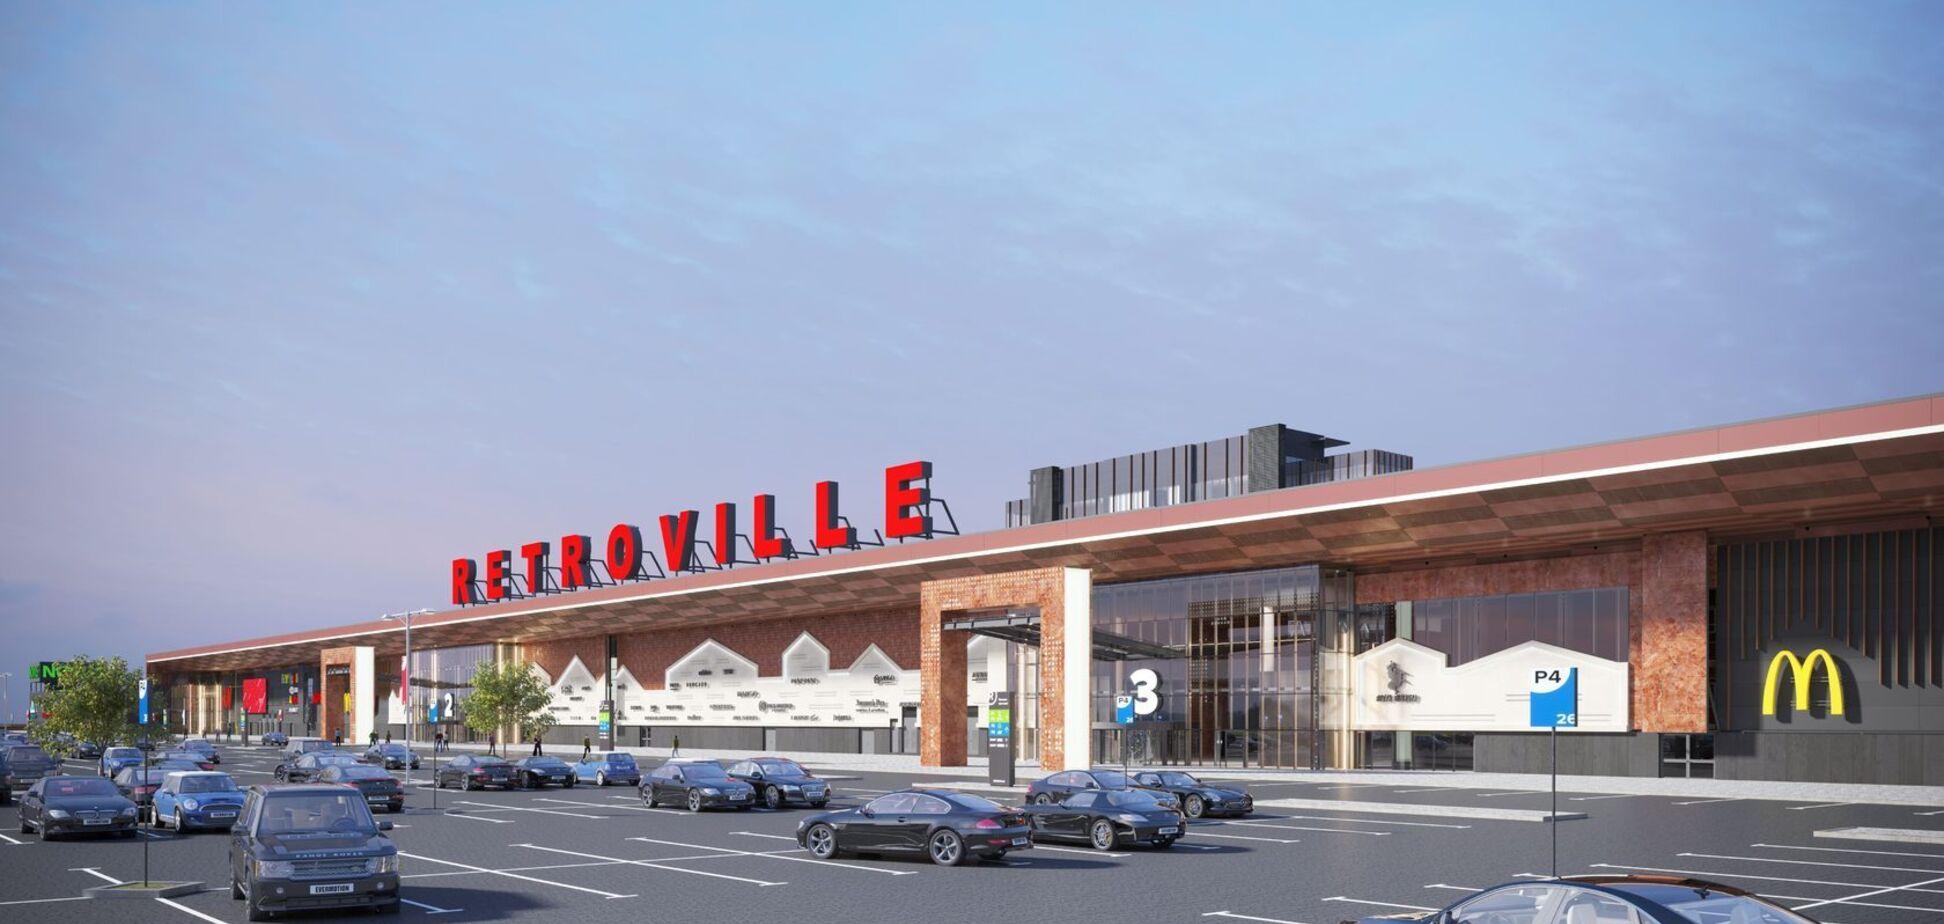 ТРЦ Retroville нарешті запускається: стала відома дата відкриття центру